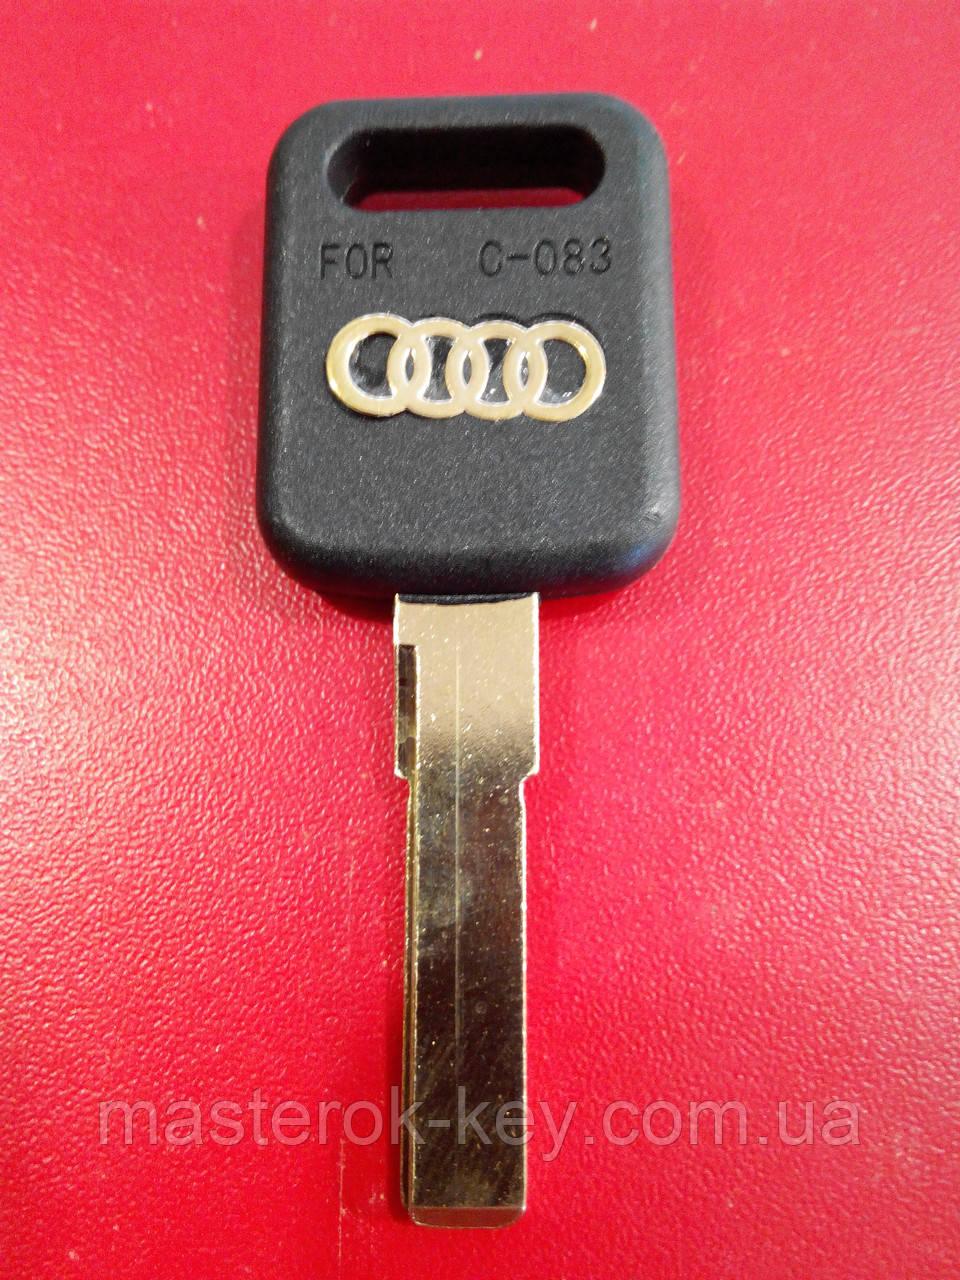 Заготівля автомобільного ключа AUDI - HU66